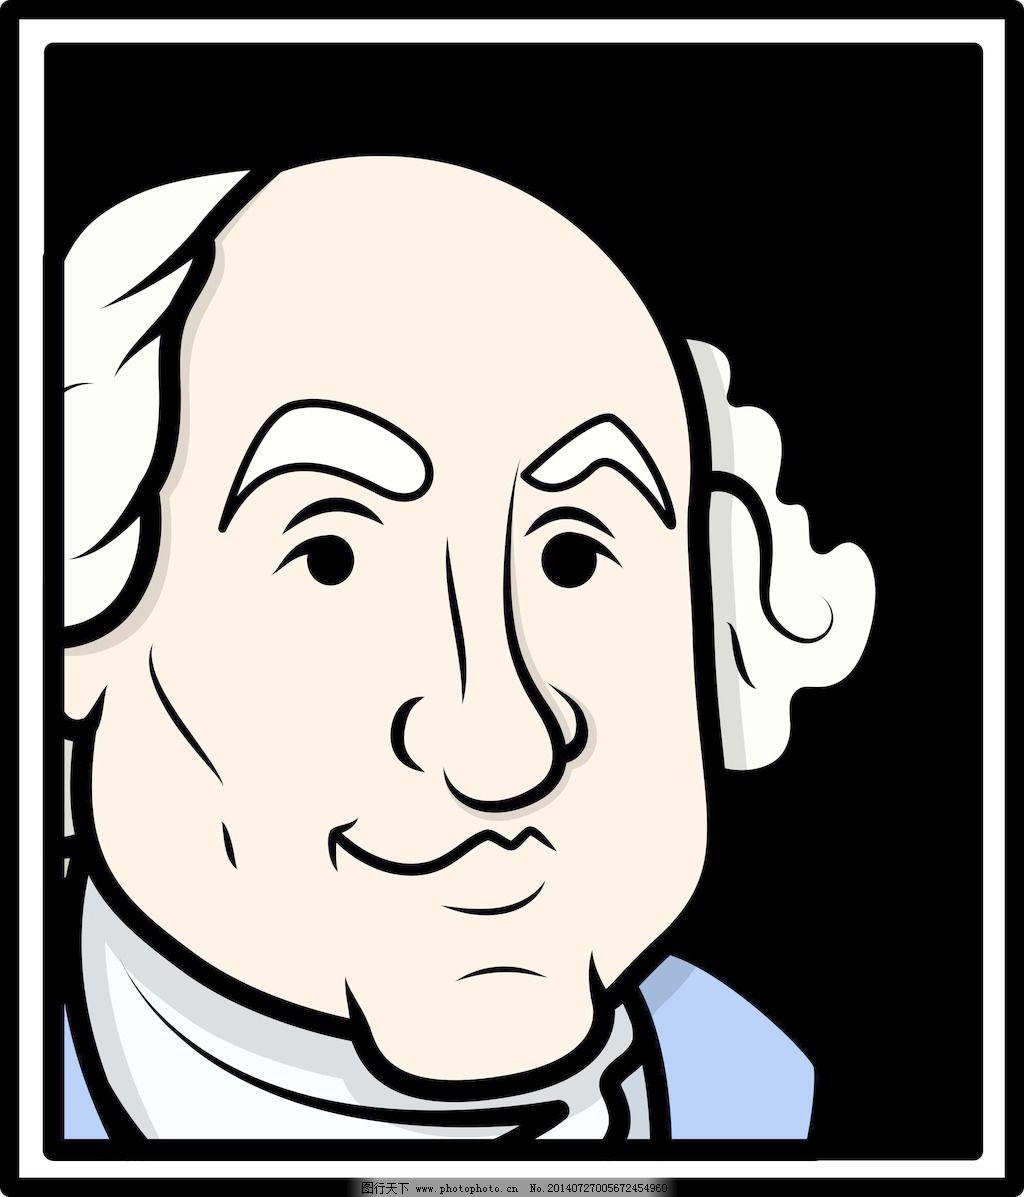 华盛顿 乔治/乔治华盛顿向量